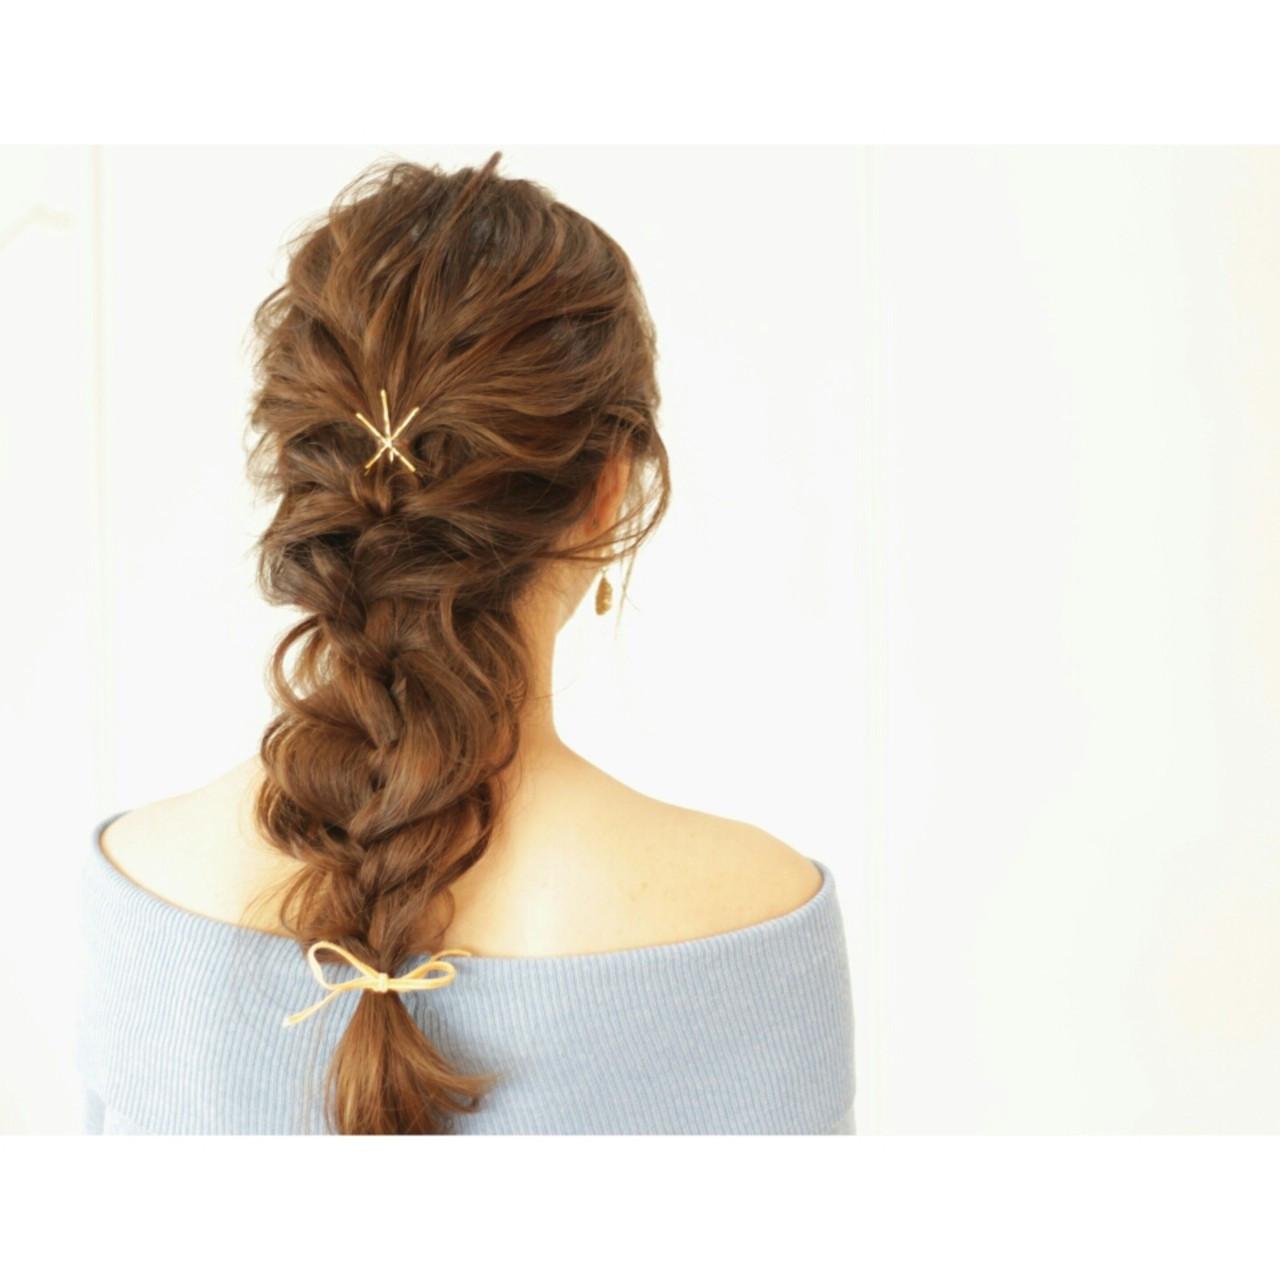 ヘアアクセ ヘアピン フェミニン ヘアアレンジ ヘアスタイルや髪型の写真・画像